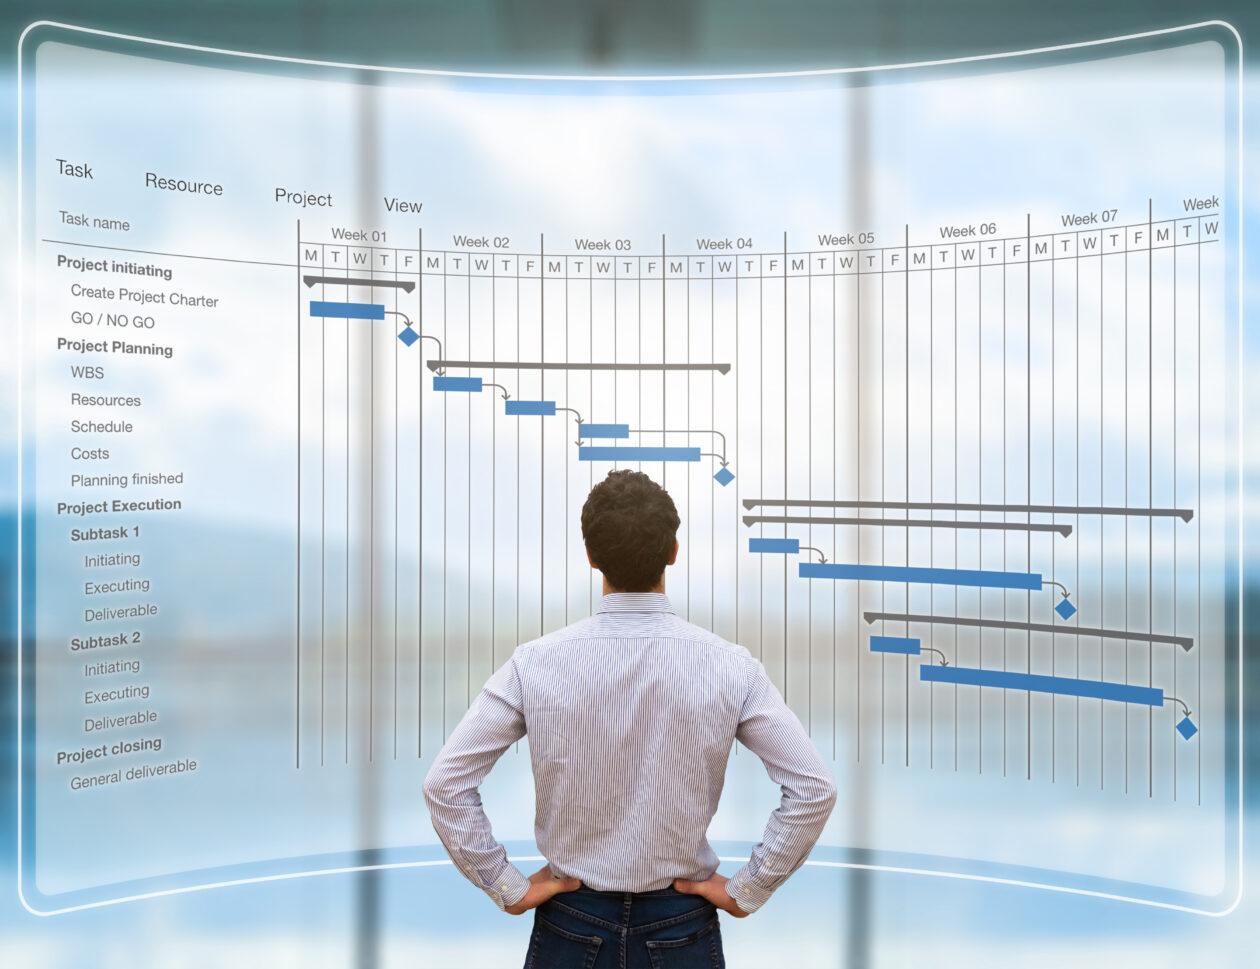 Risicogestuurde planning projectmanager - Cratos Consulting